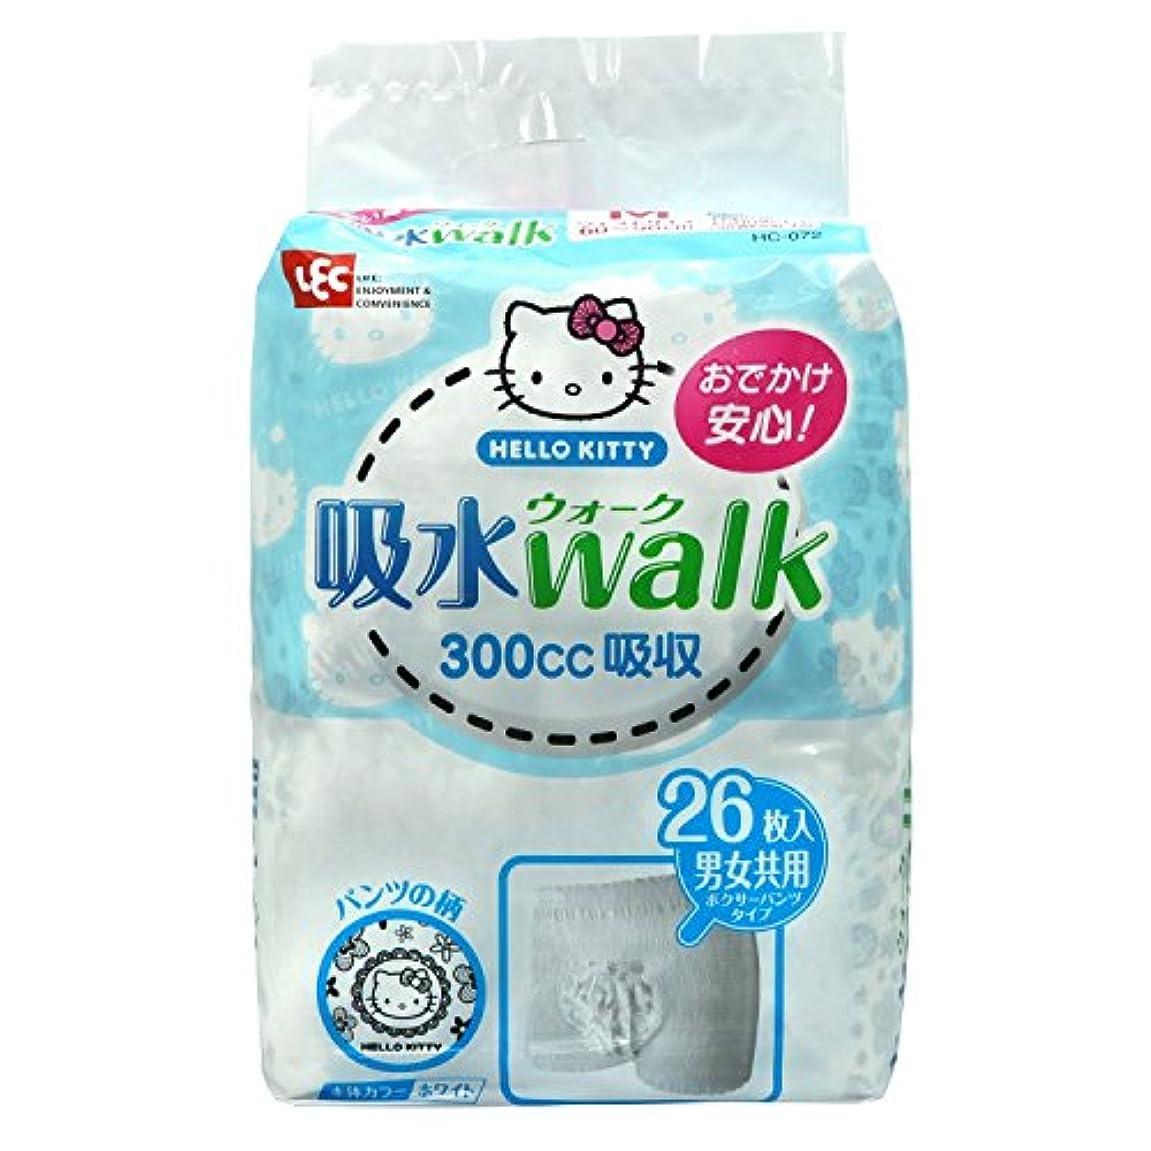 層ようこそ家族キティ 吸水ウォーク (大人用紙パンツ) 4個セット